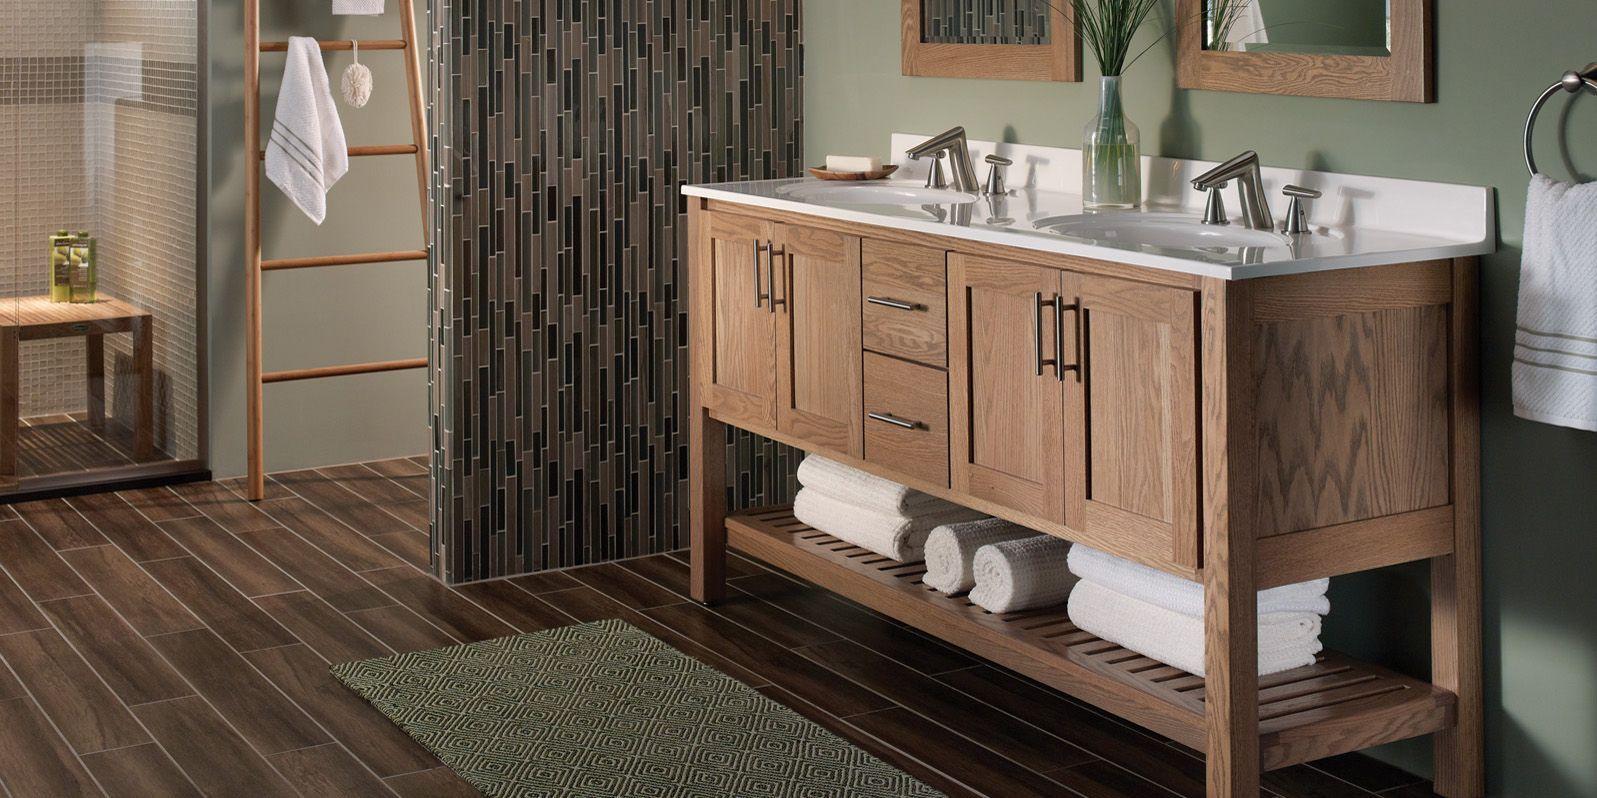 Inspirational Bertch Bathroom Vanities Good 69 In Home Decor Ideas With